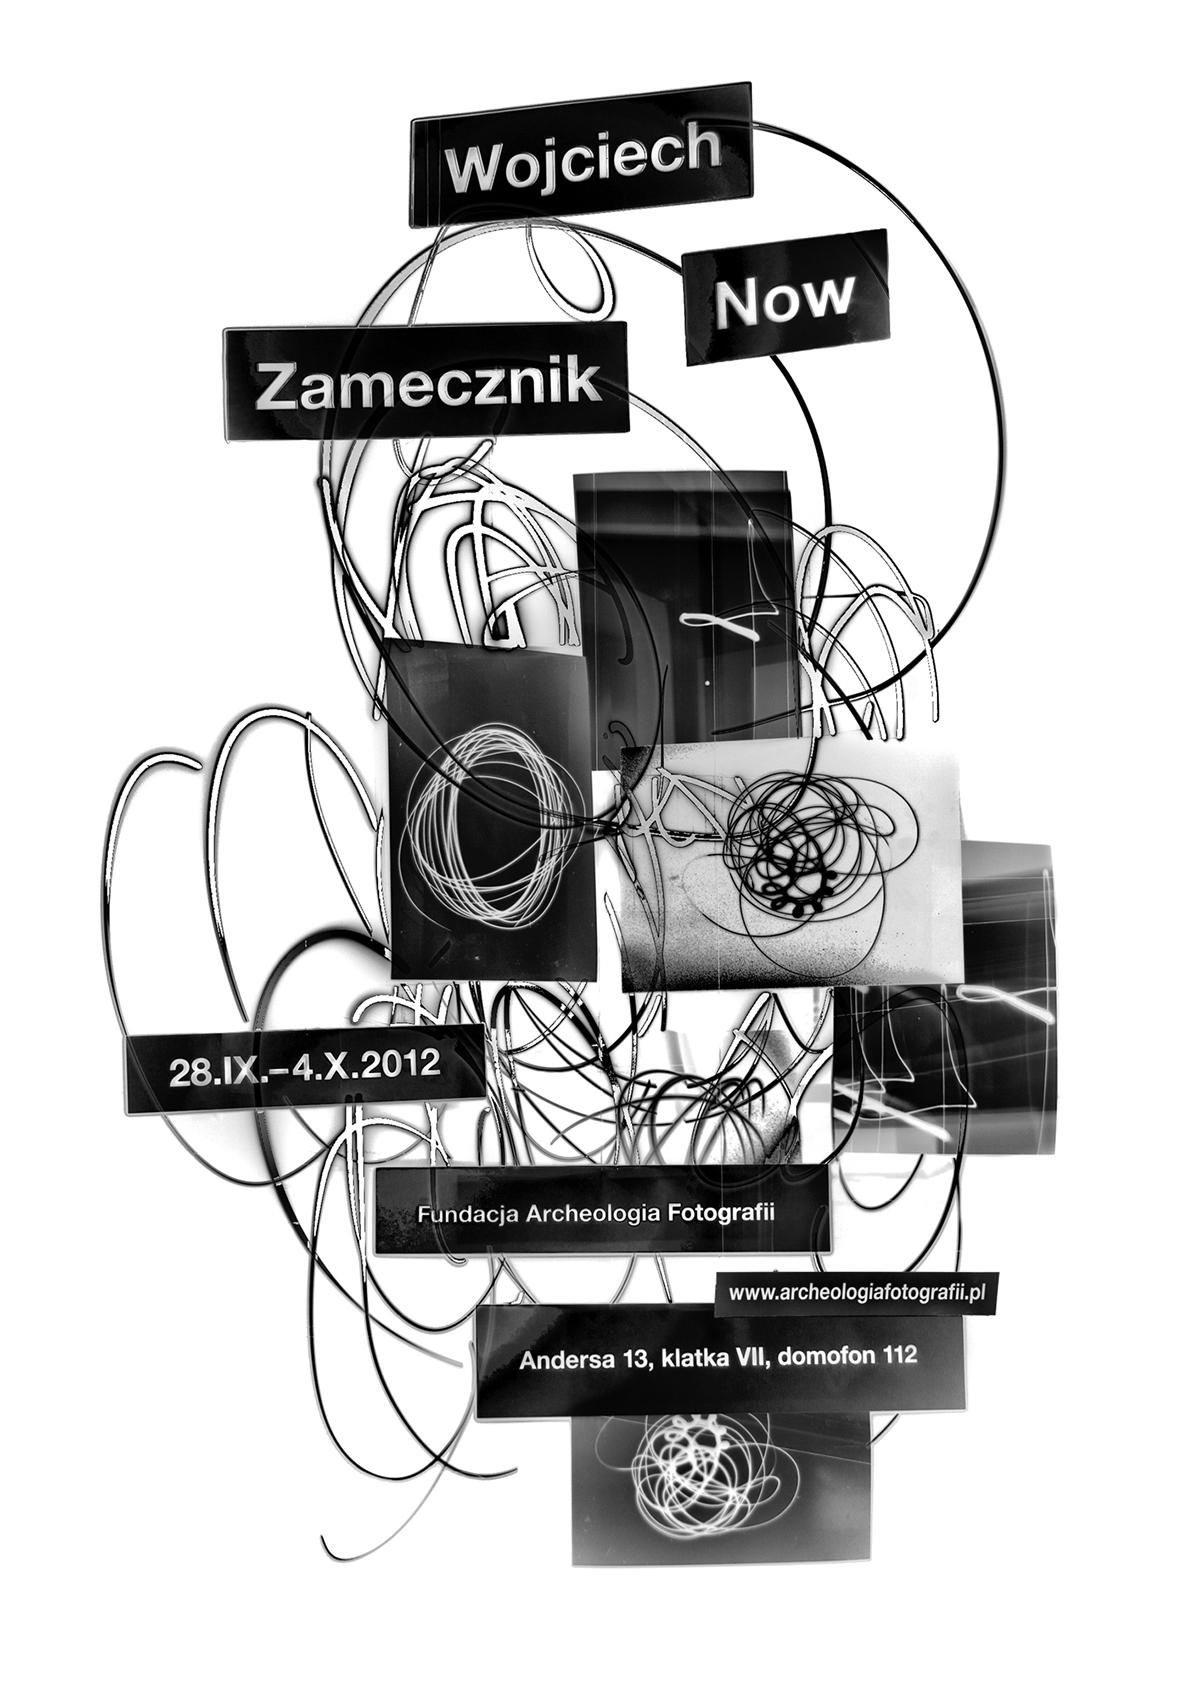 Wojciech Zamecznik Now On Behance